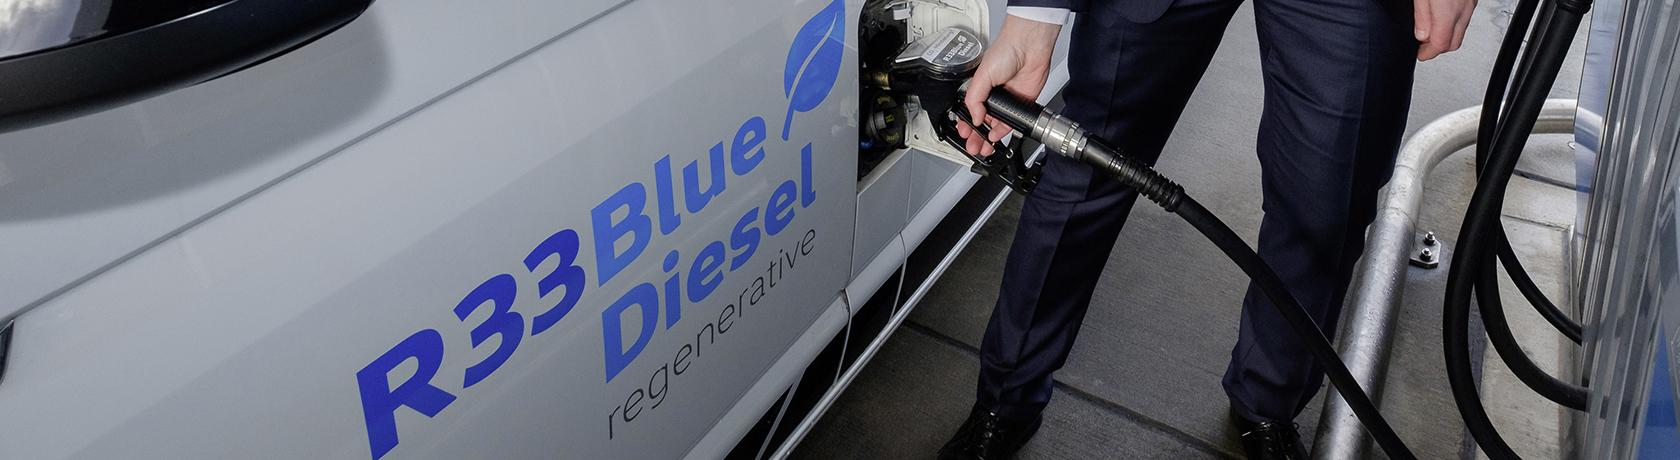 Dalla friggitrice al serbatoio, ecco l'R33 BlueDiesel